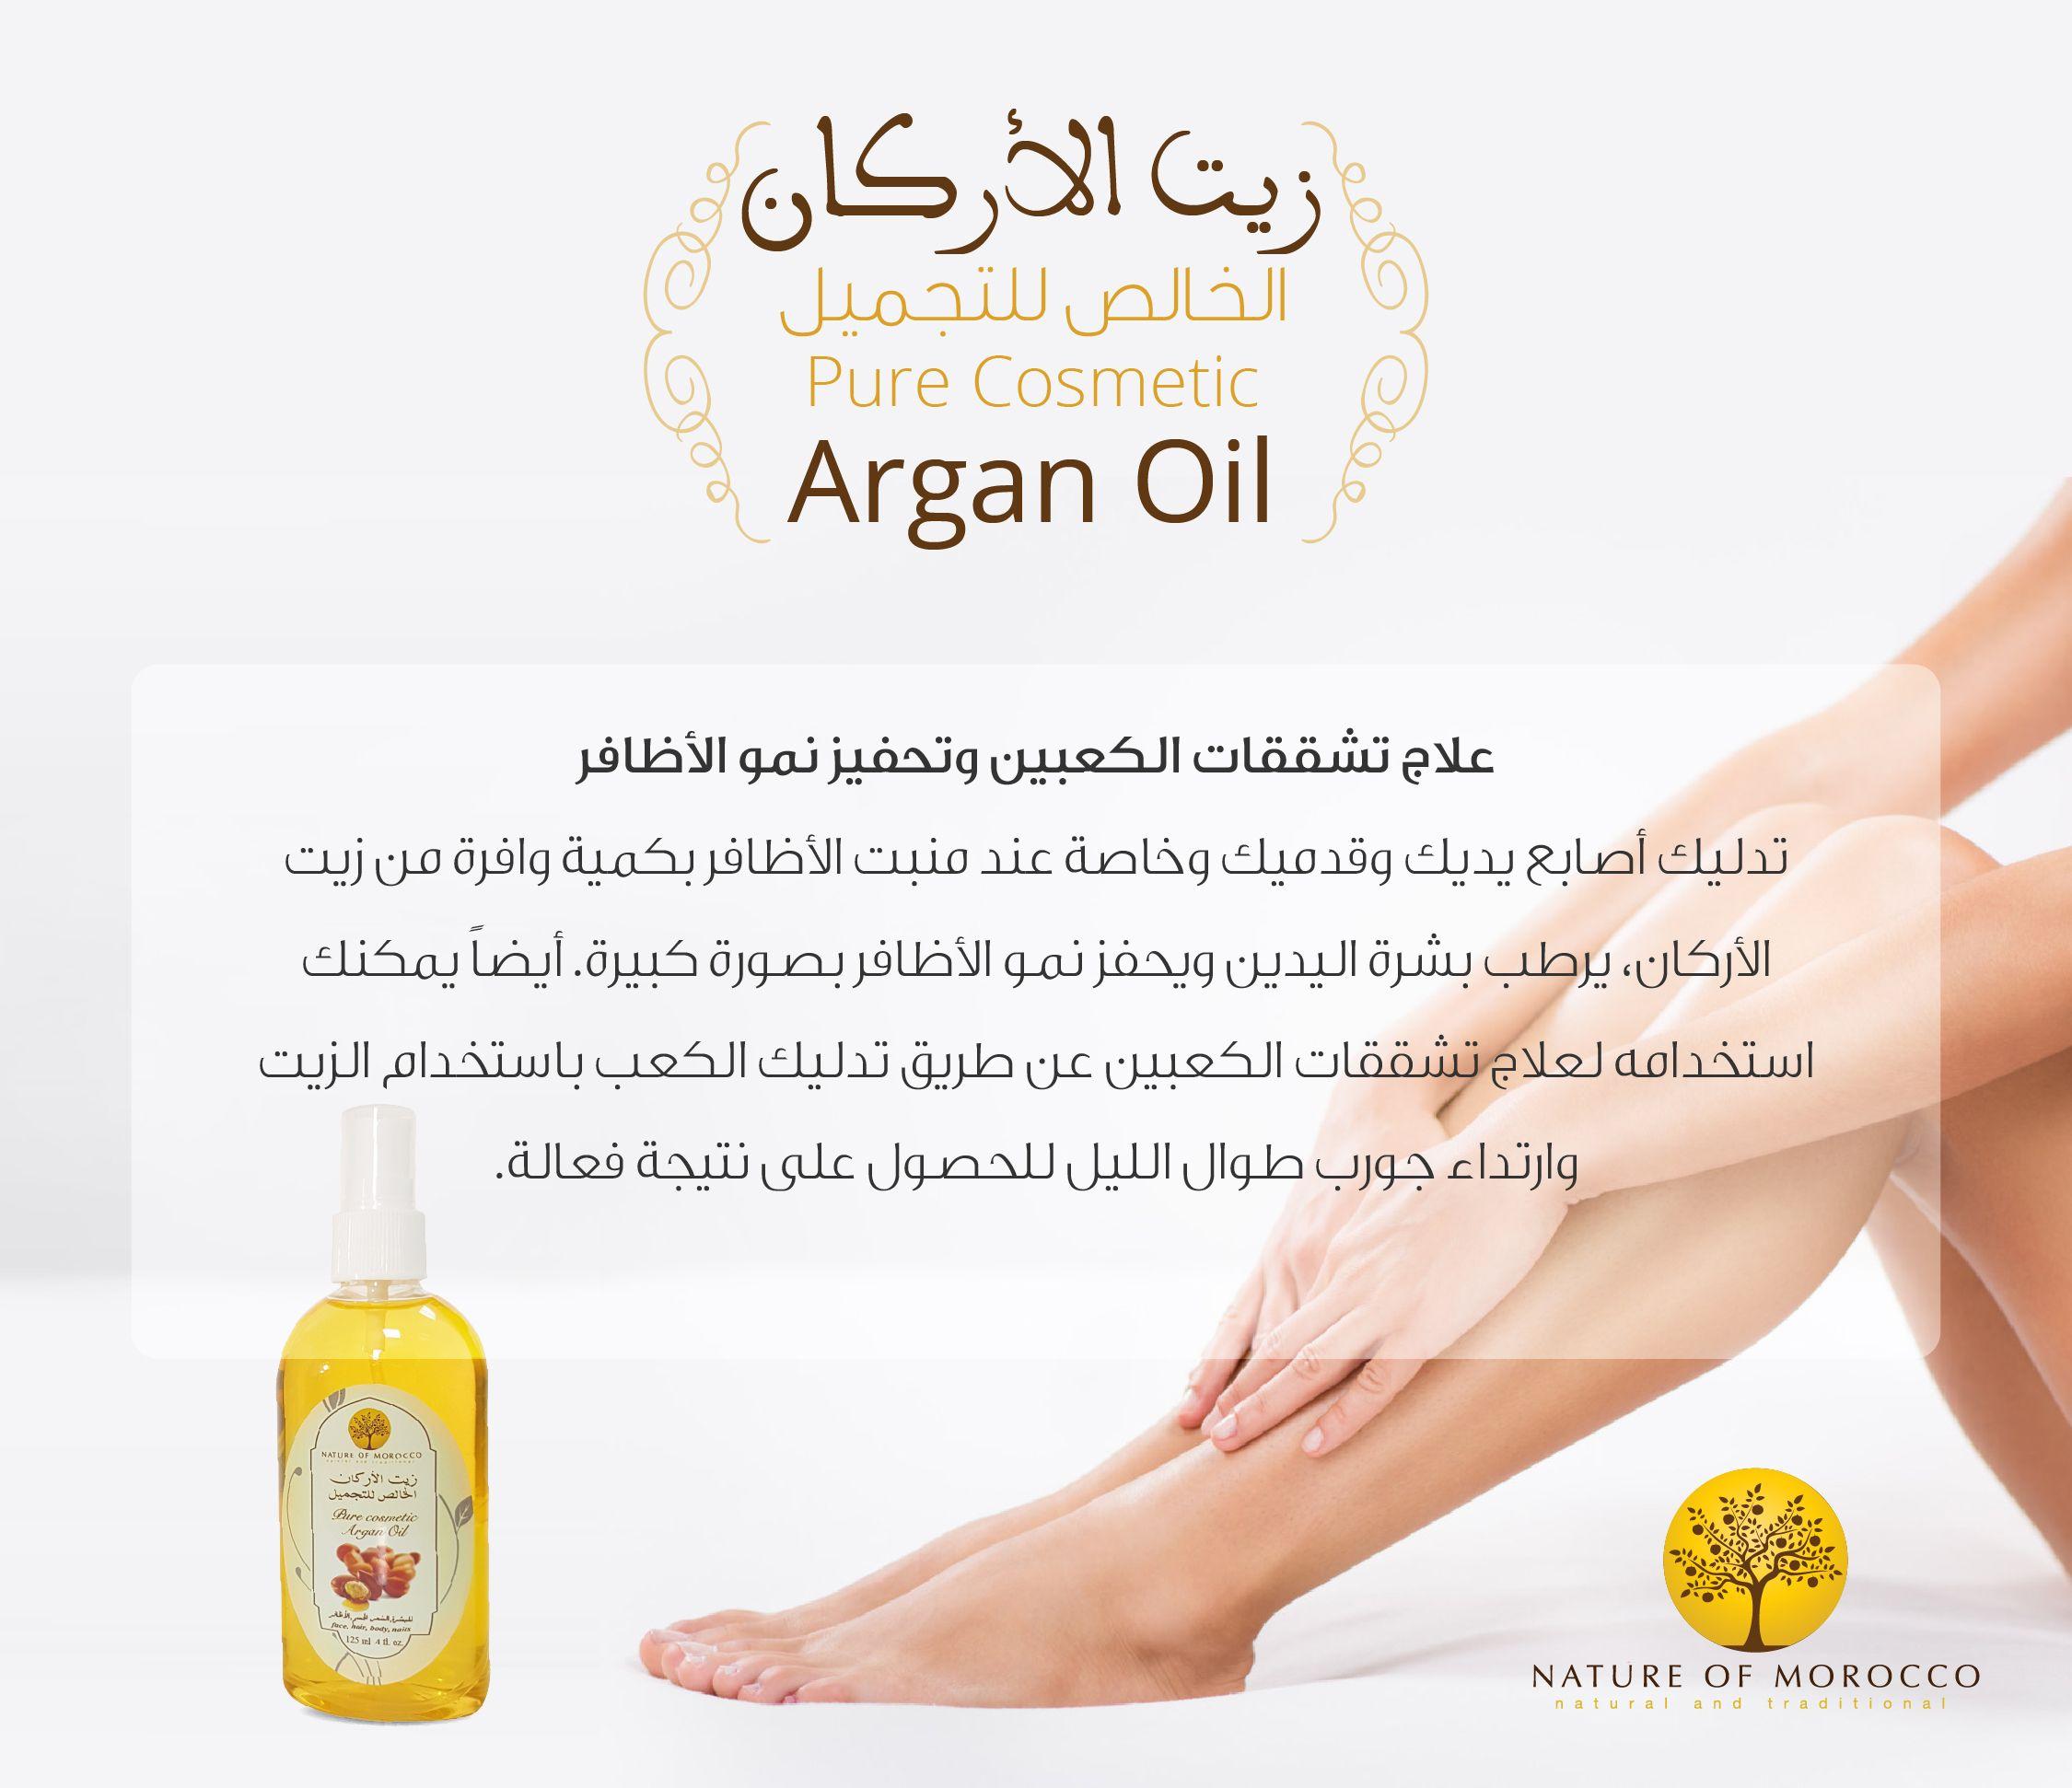 زيت الاركان زيت الارجان Argan Oil Saudi Arabia Riyadh Pure Cosmetics Body Care Skin Care